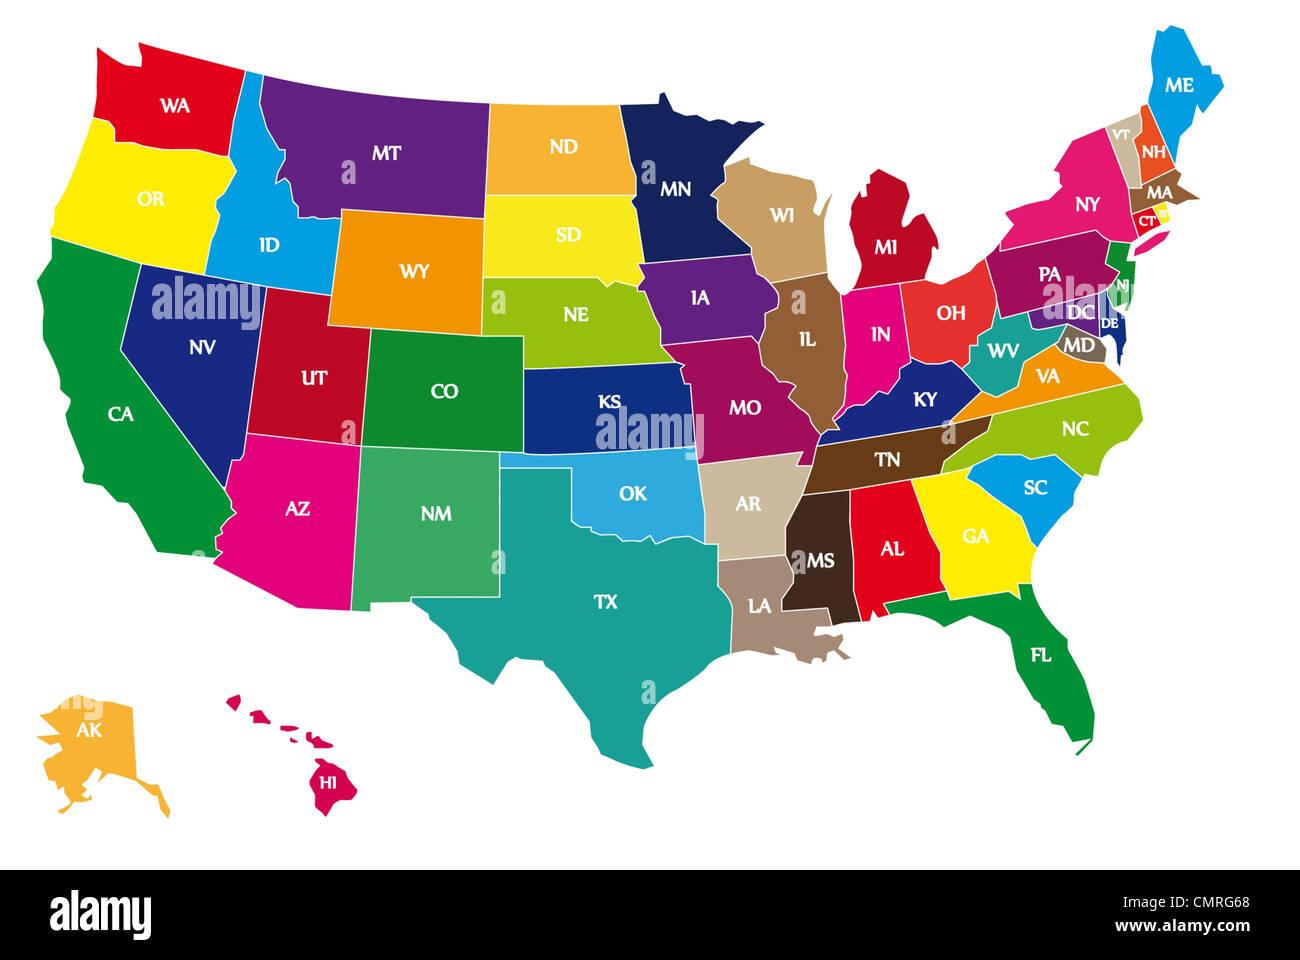 La Cartina Geografica Degli Stati Uniti.Multicolor Confinanti Con Mappa Geografica Degli Stati Uniti Con Linee Confinanti E Two Letter Abbreviazioni Di Ogni Stato Degli Usa Foto Stock Alamy